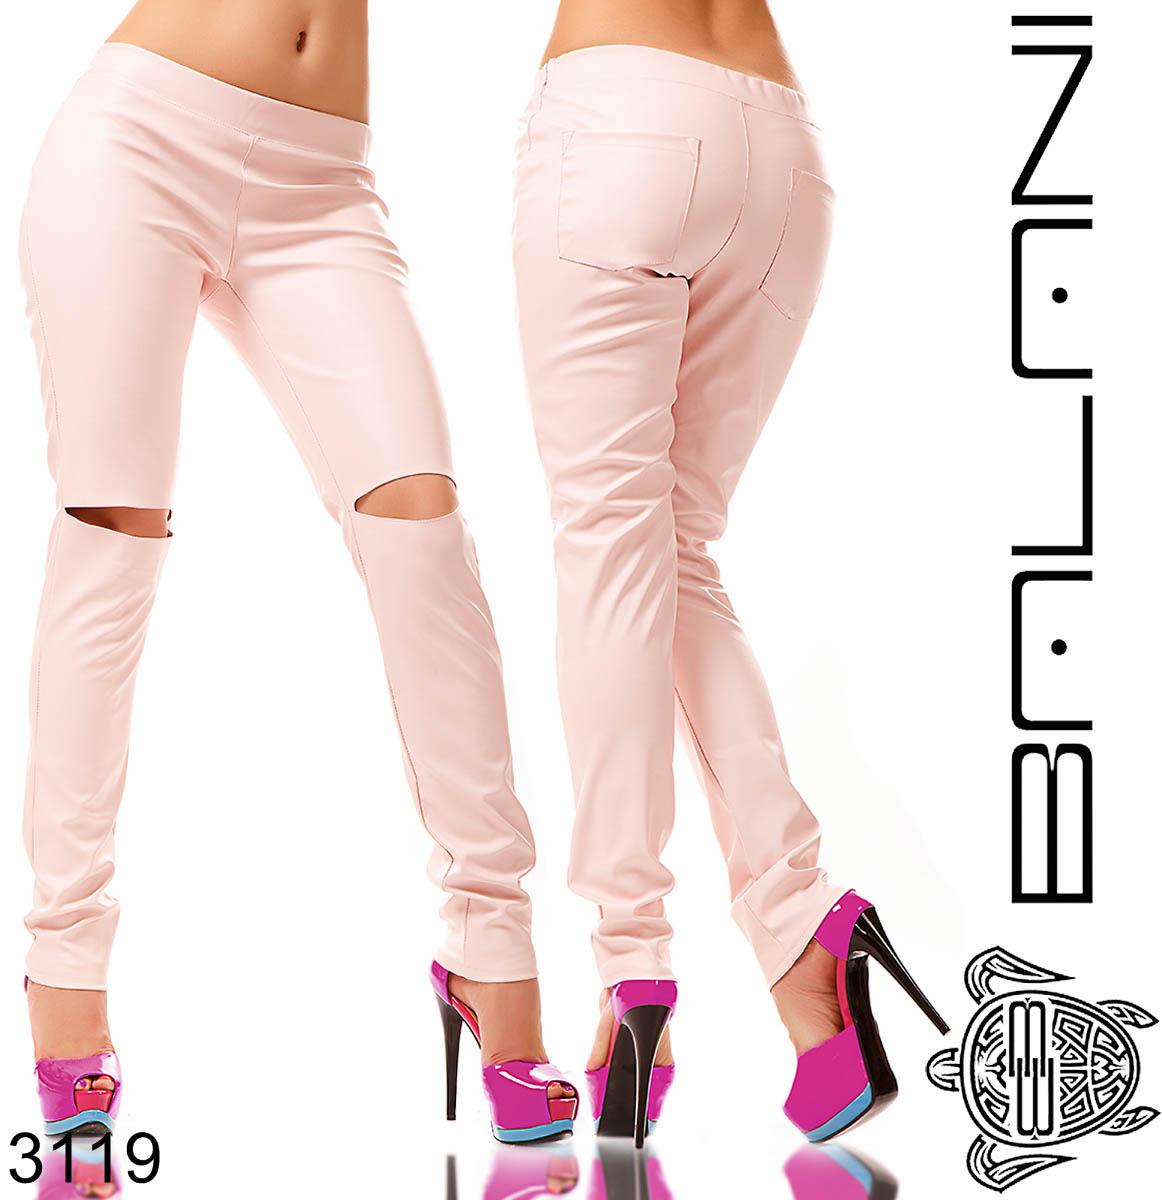 Balani.Одежда от производителя.Ищем СП оргов D2b820a83aad